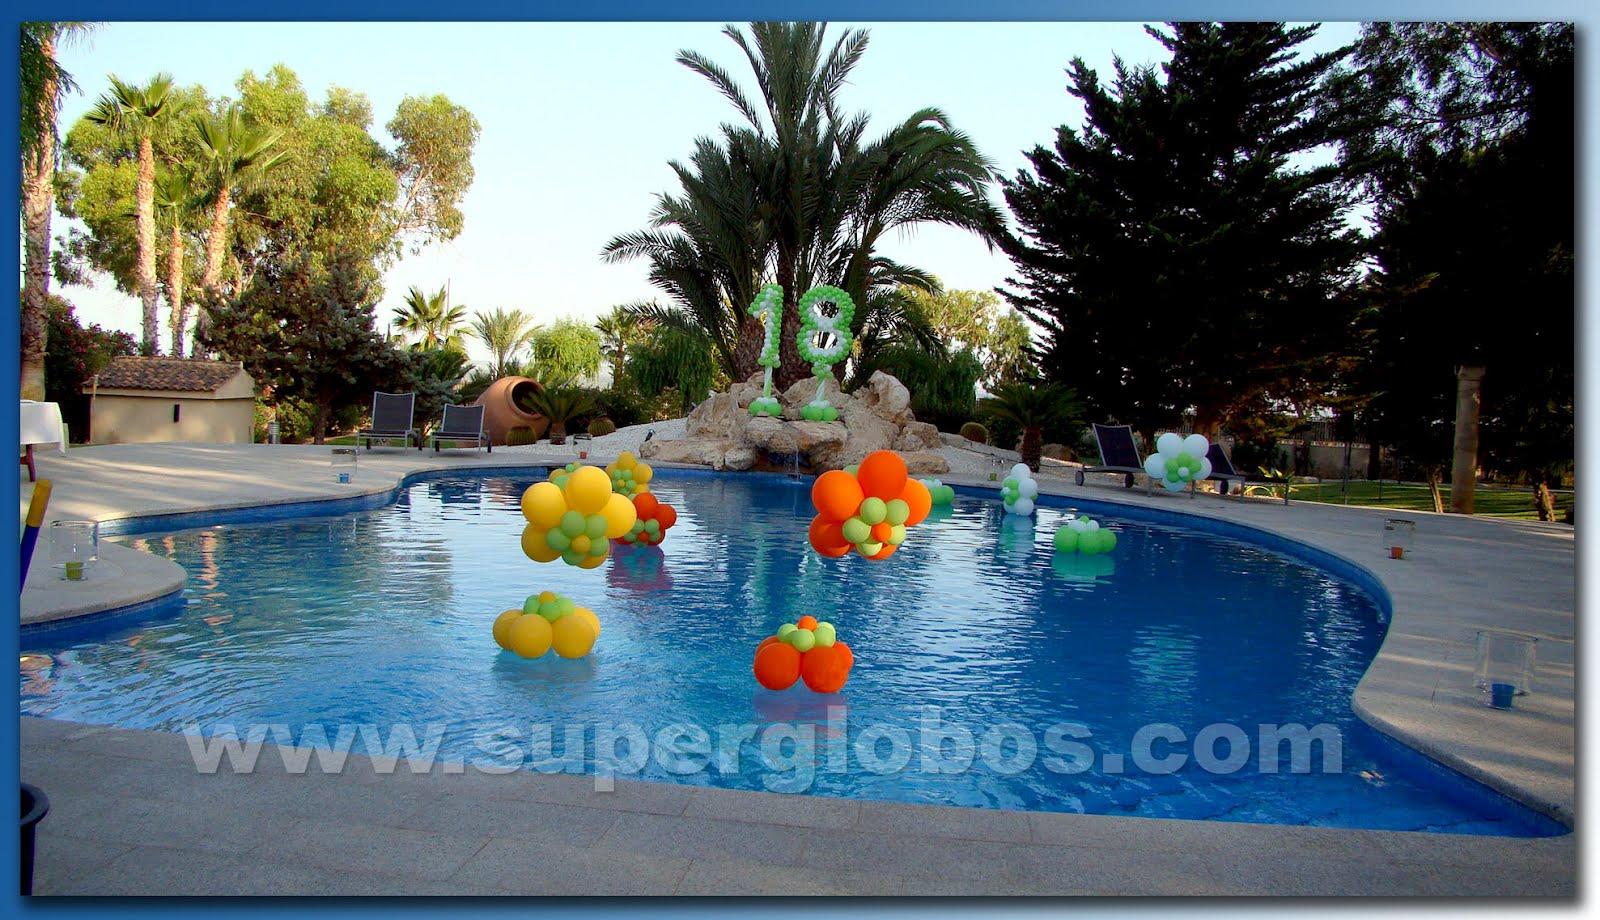 Adornos para piscinas decoracion piscina boda cascadas - Adornos para piscinas ...